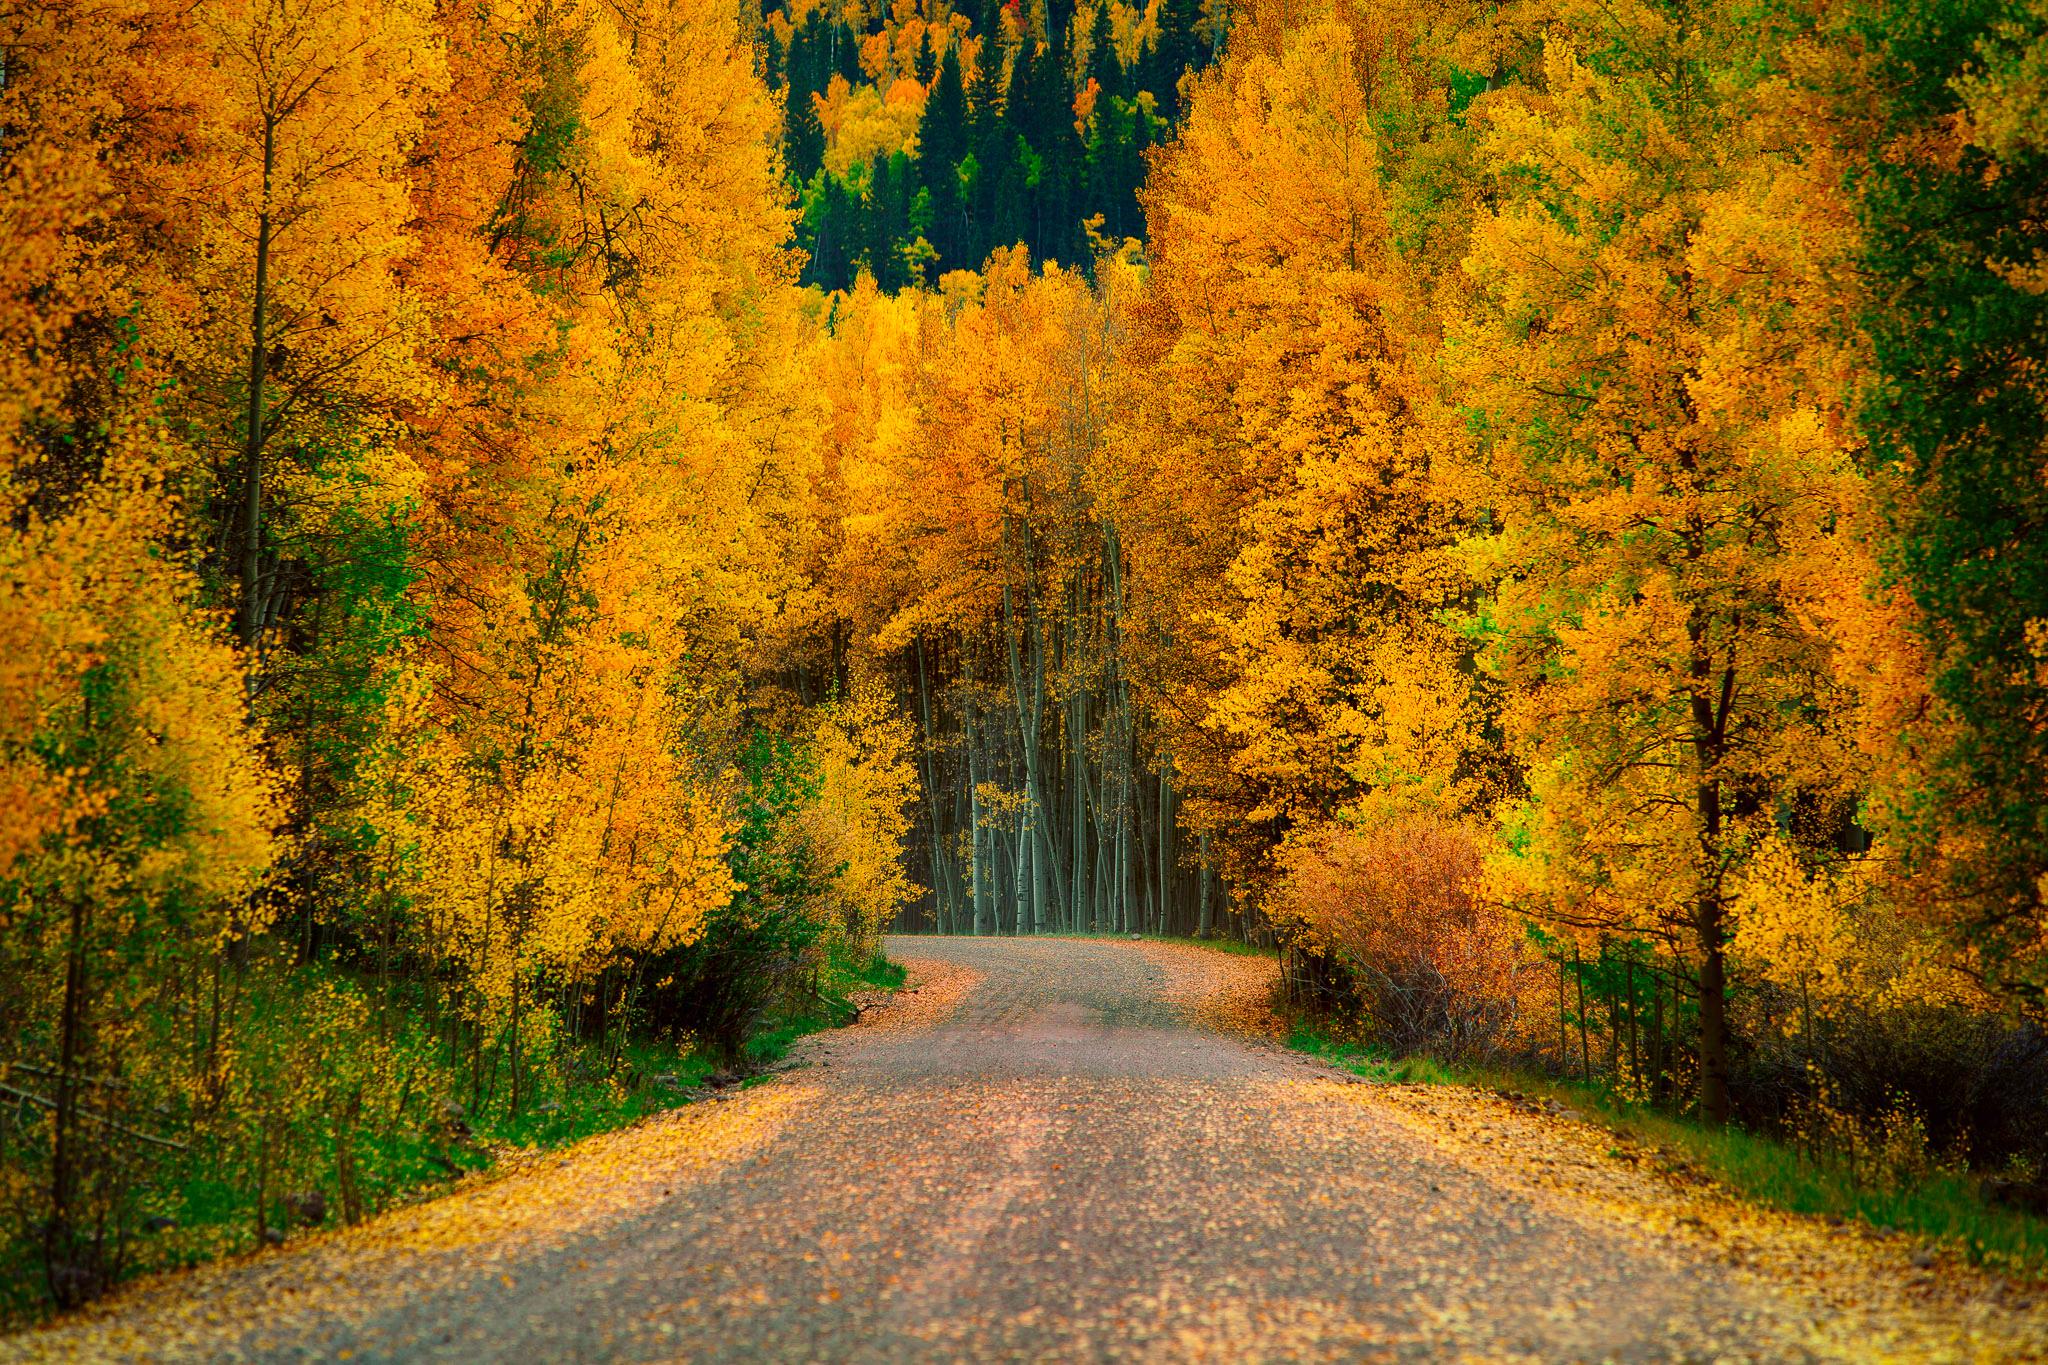 Февраля, осень в лесу открытки